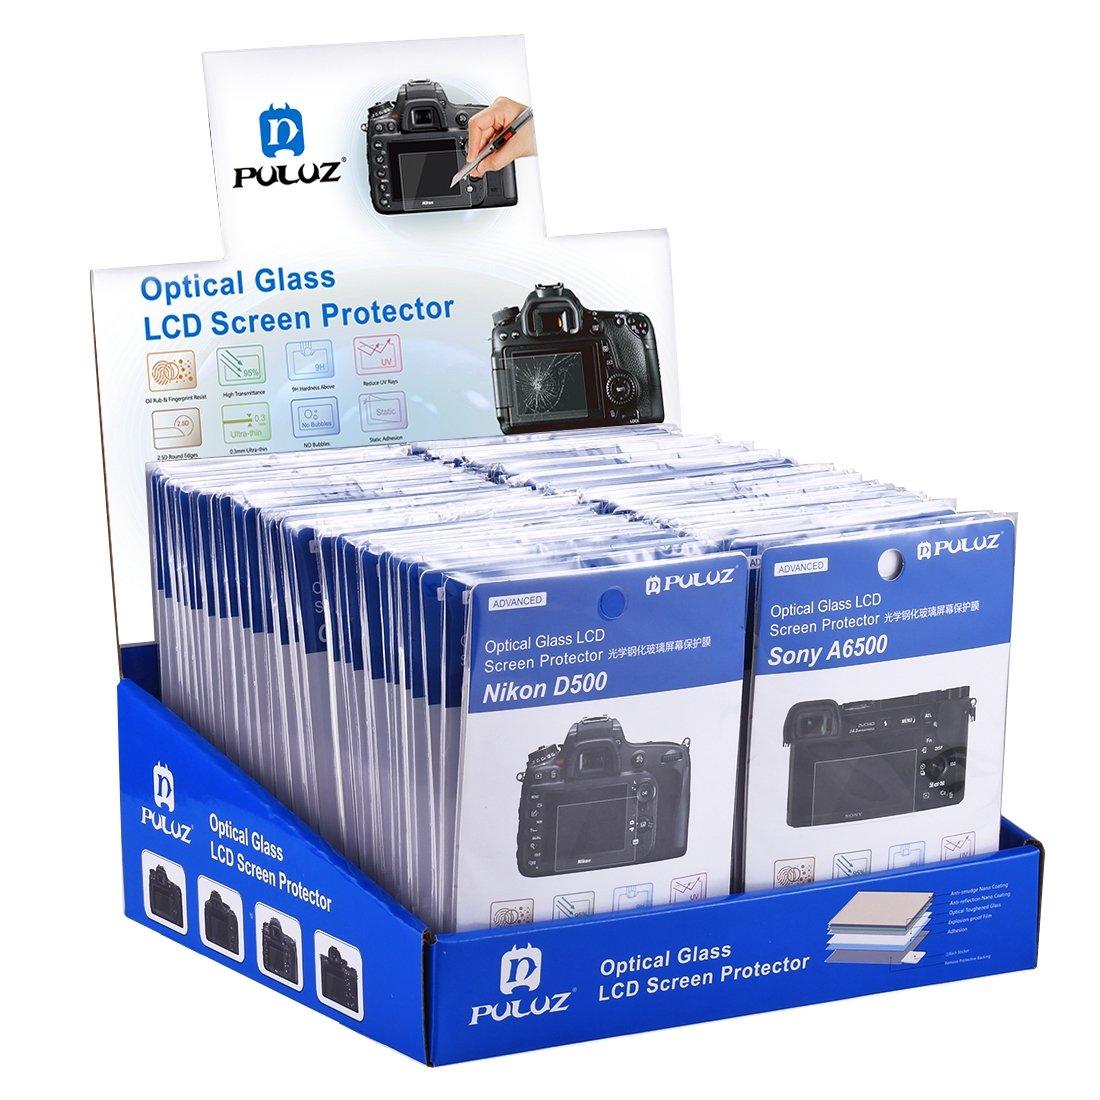 YWH-液晶スクリーンプロテクター 60 PCS PULUZ 2.5Dカーブエッジ9Hキヤノン5DマークIV /マークIII、ソニーRX100 / A7M2 / A7R / A7R2、ニコンD3200 / D3300、パナソニックGH5、DMC-LX100などの表面硬度強化ガラススクリーンプロテクターキット   B07R4WZVZK